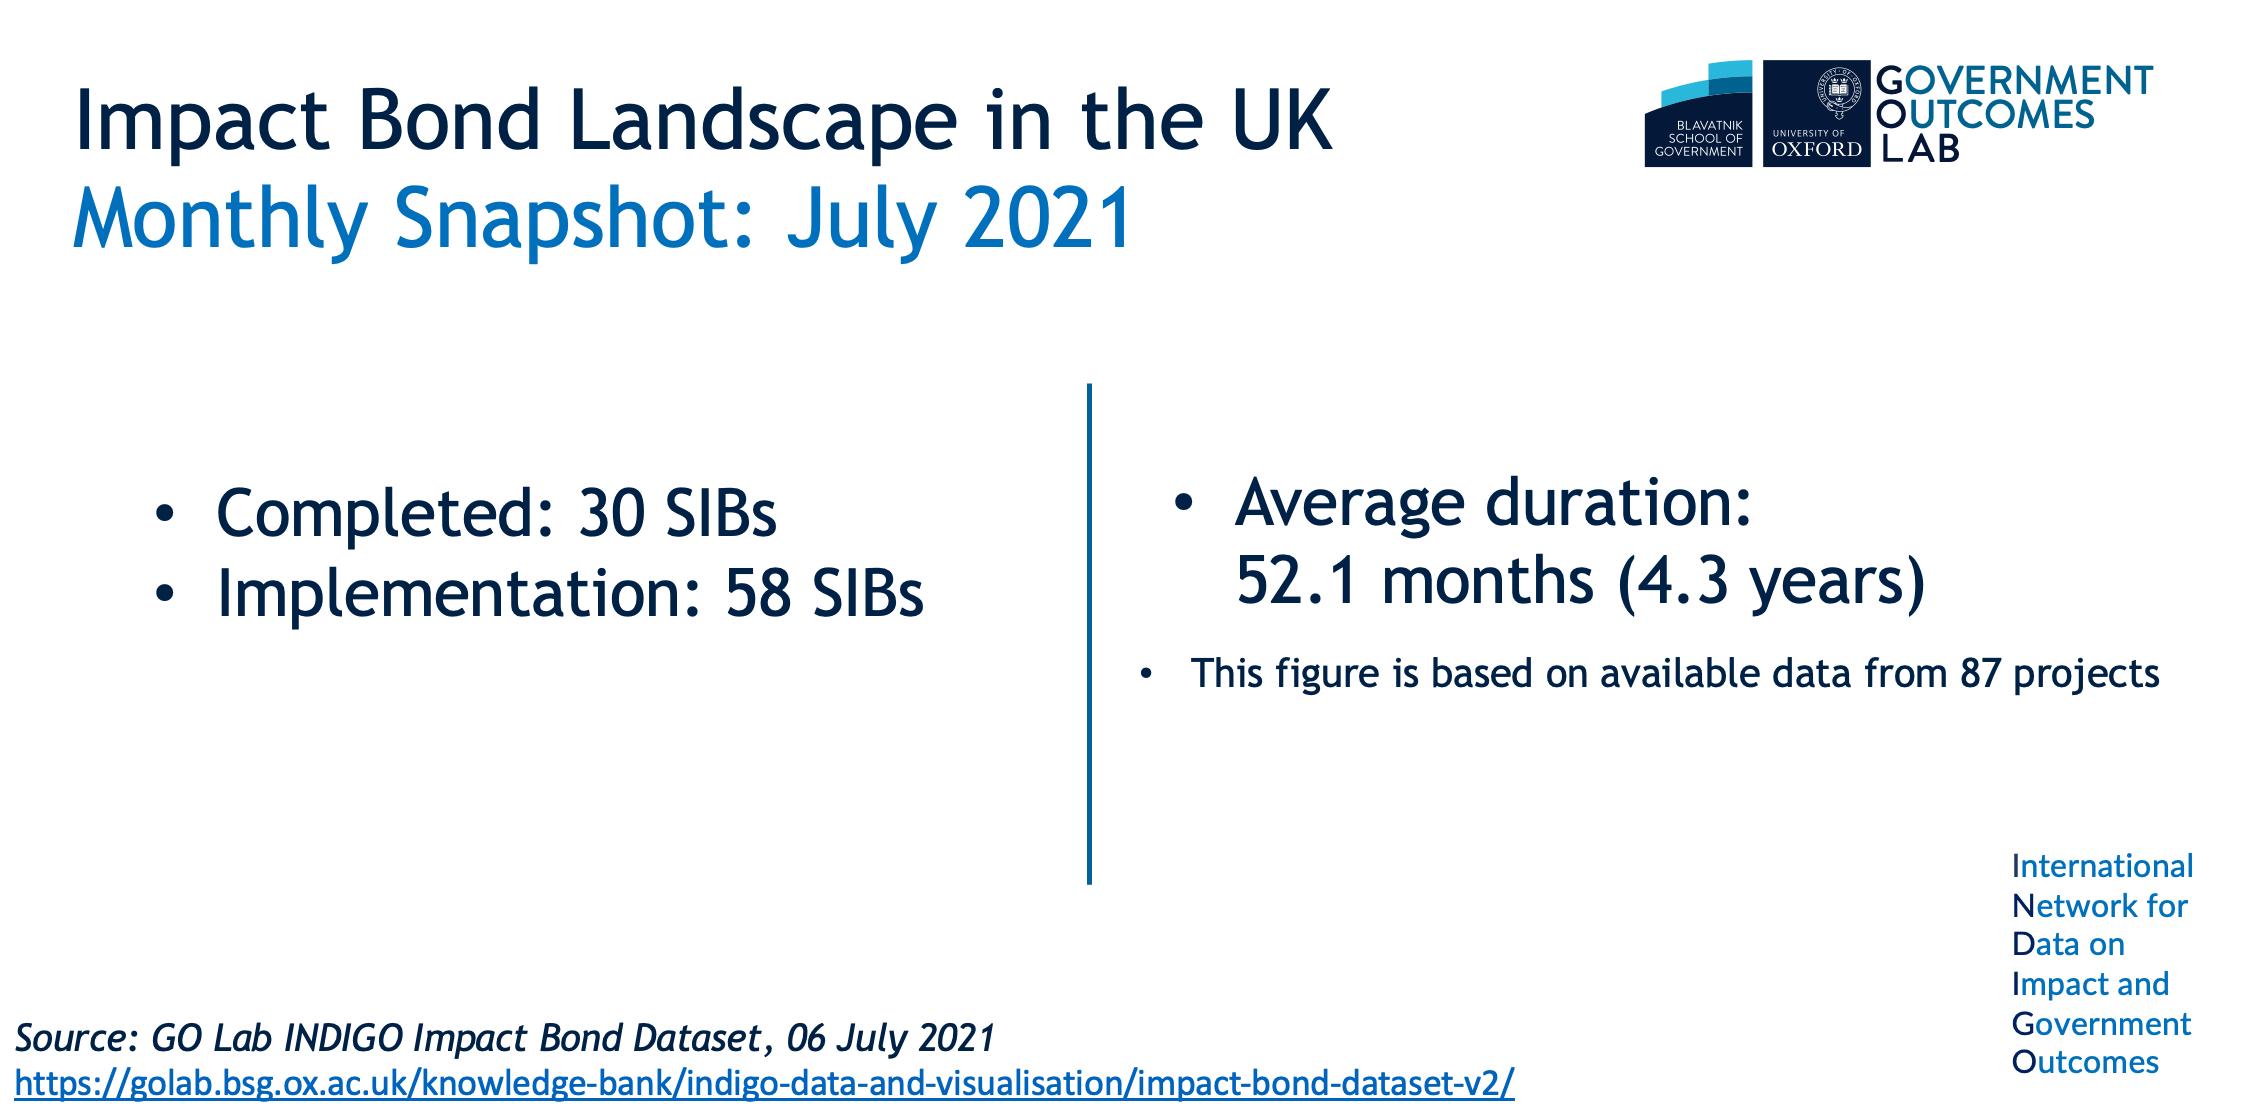 July 2021 IB snapshot - 8